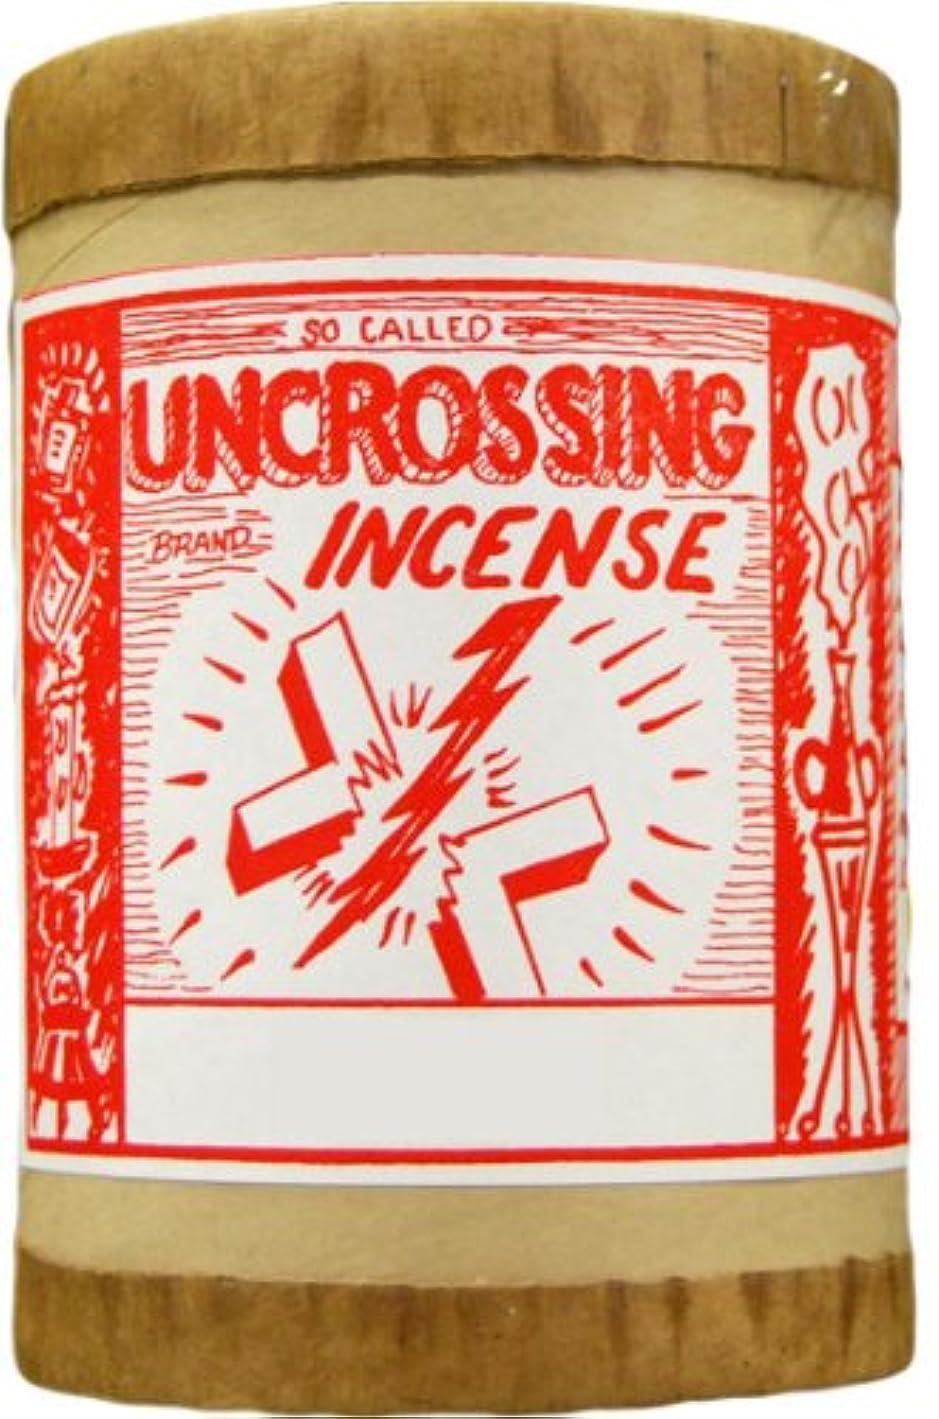 ハウス王朝はっきりと高品質Uncrossing Powdered Incense 4オンス